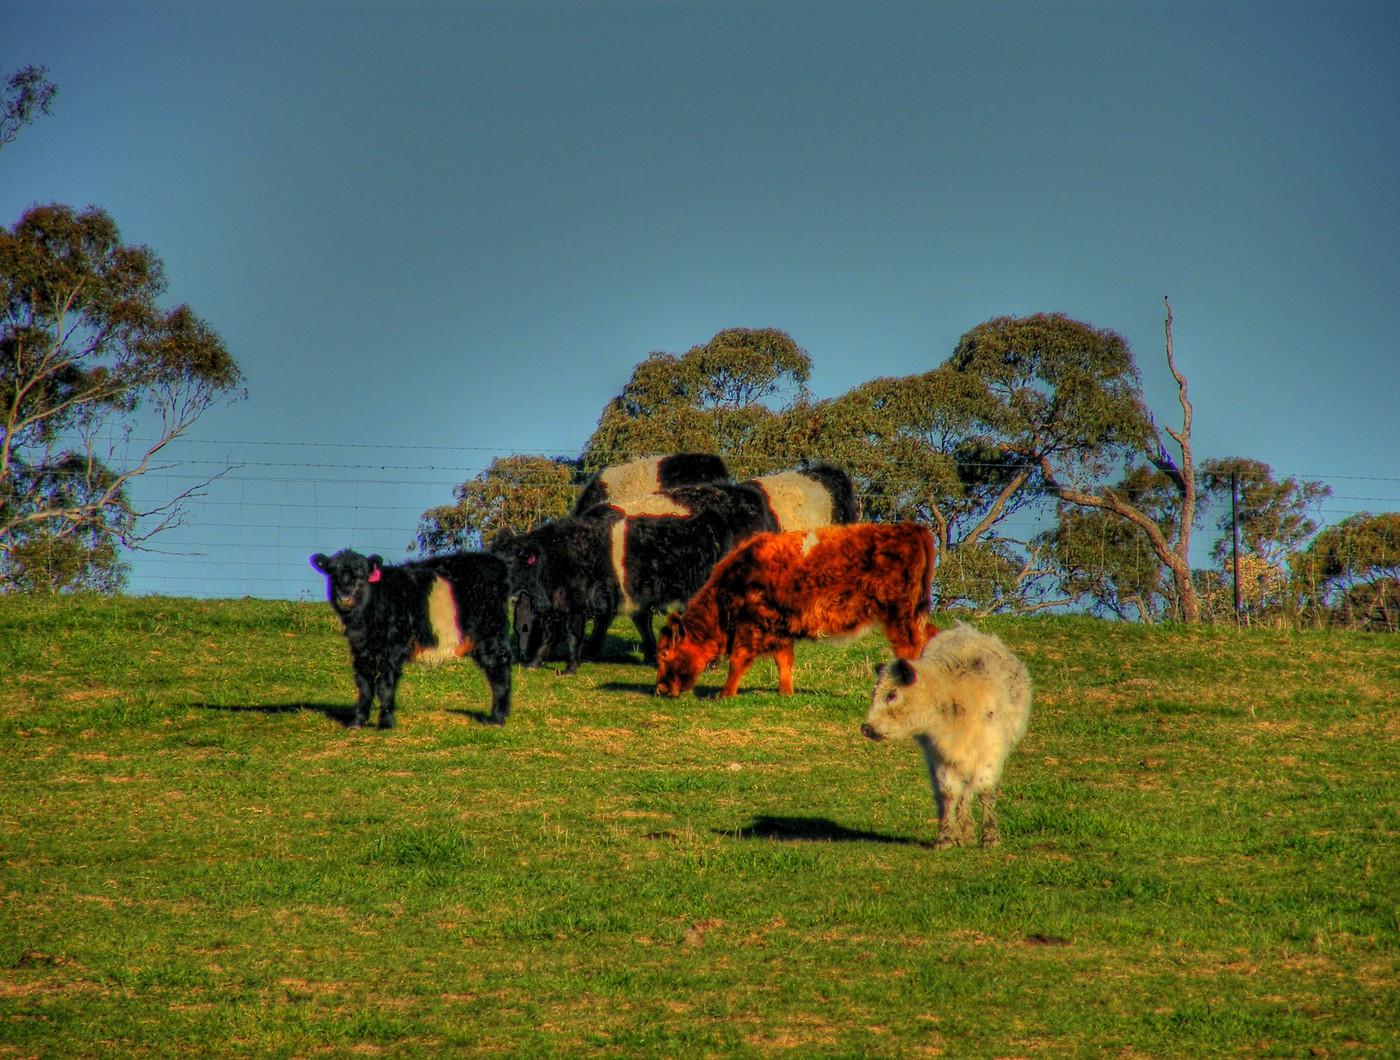 Galloway cattle in paddock near Byng 008